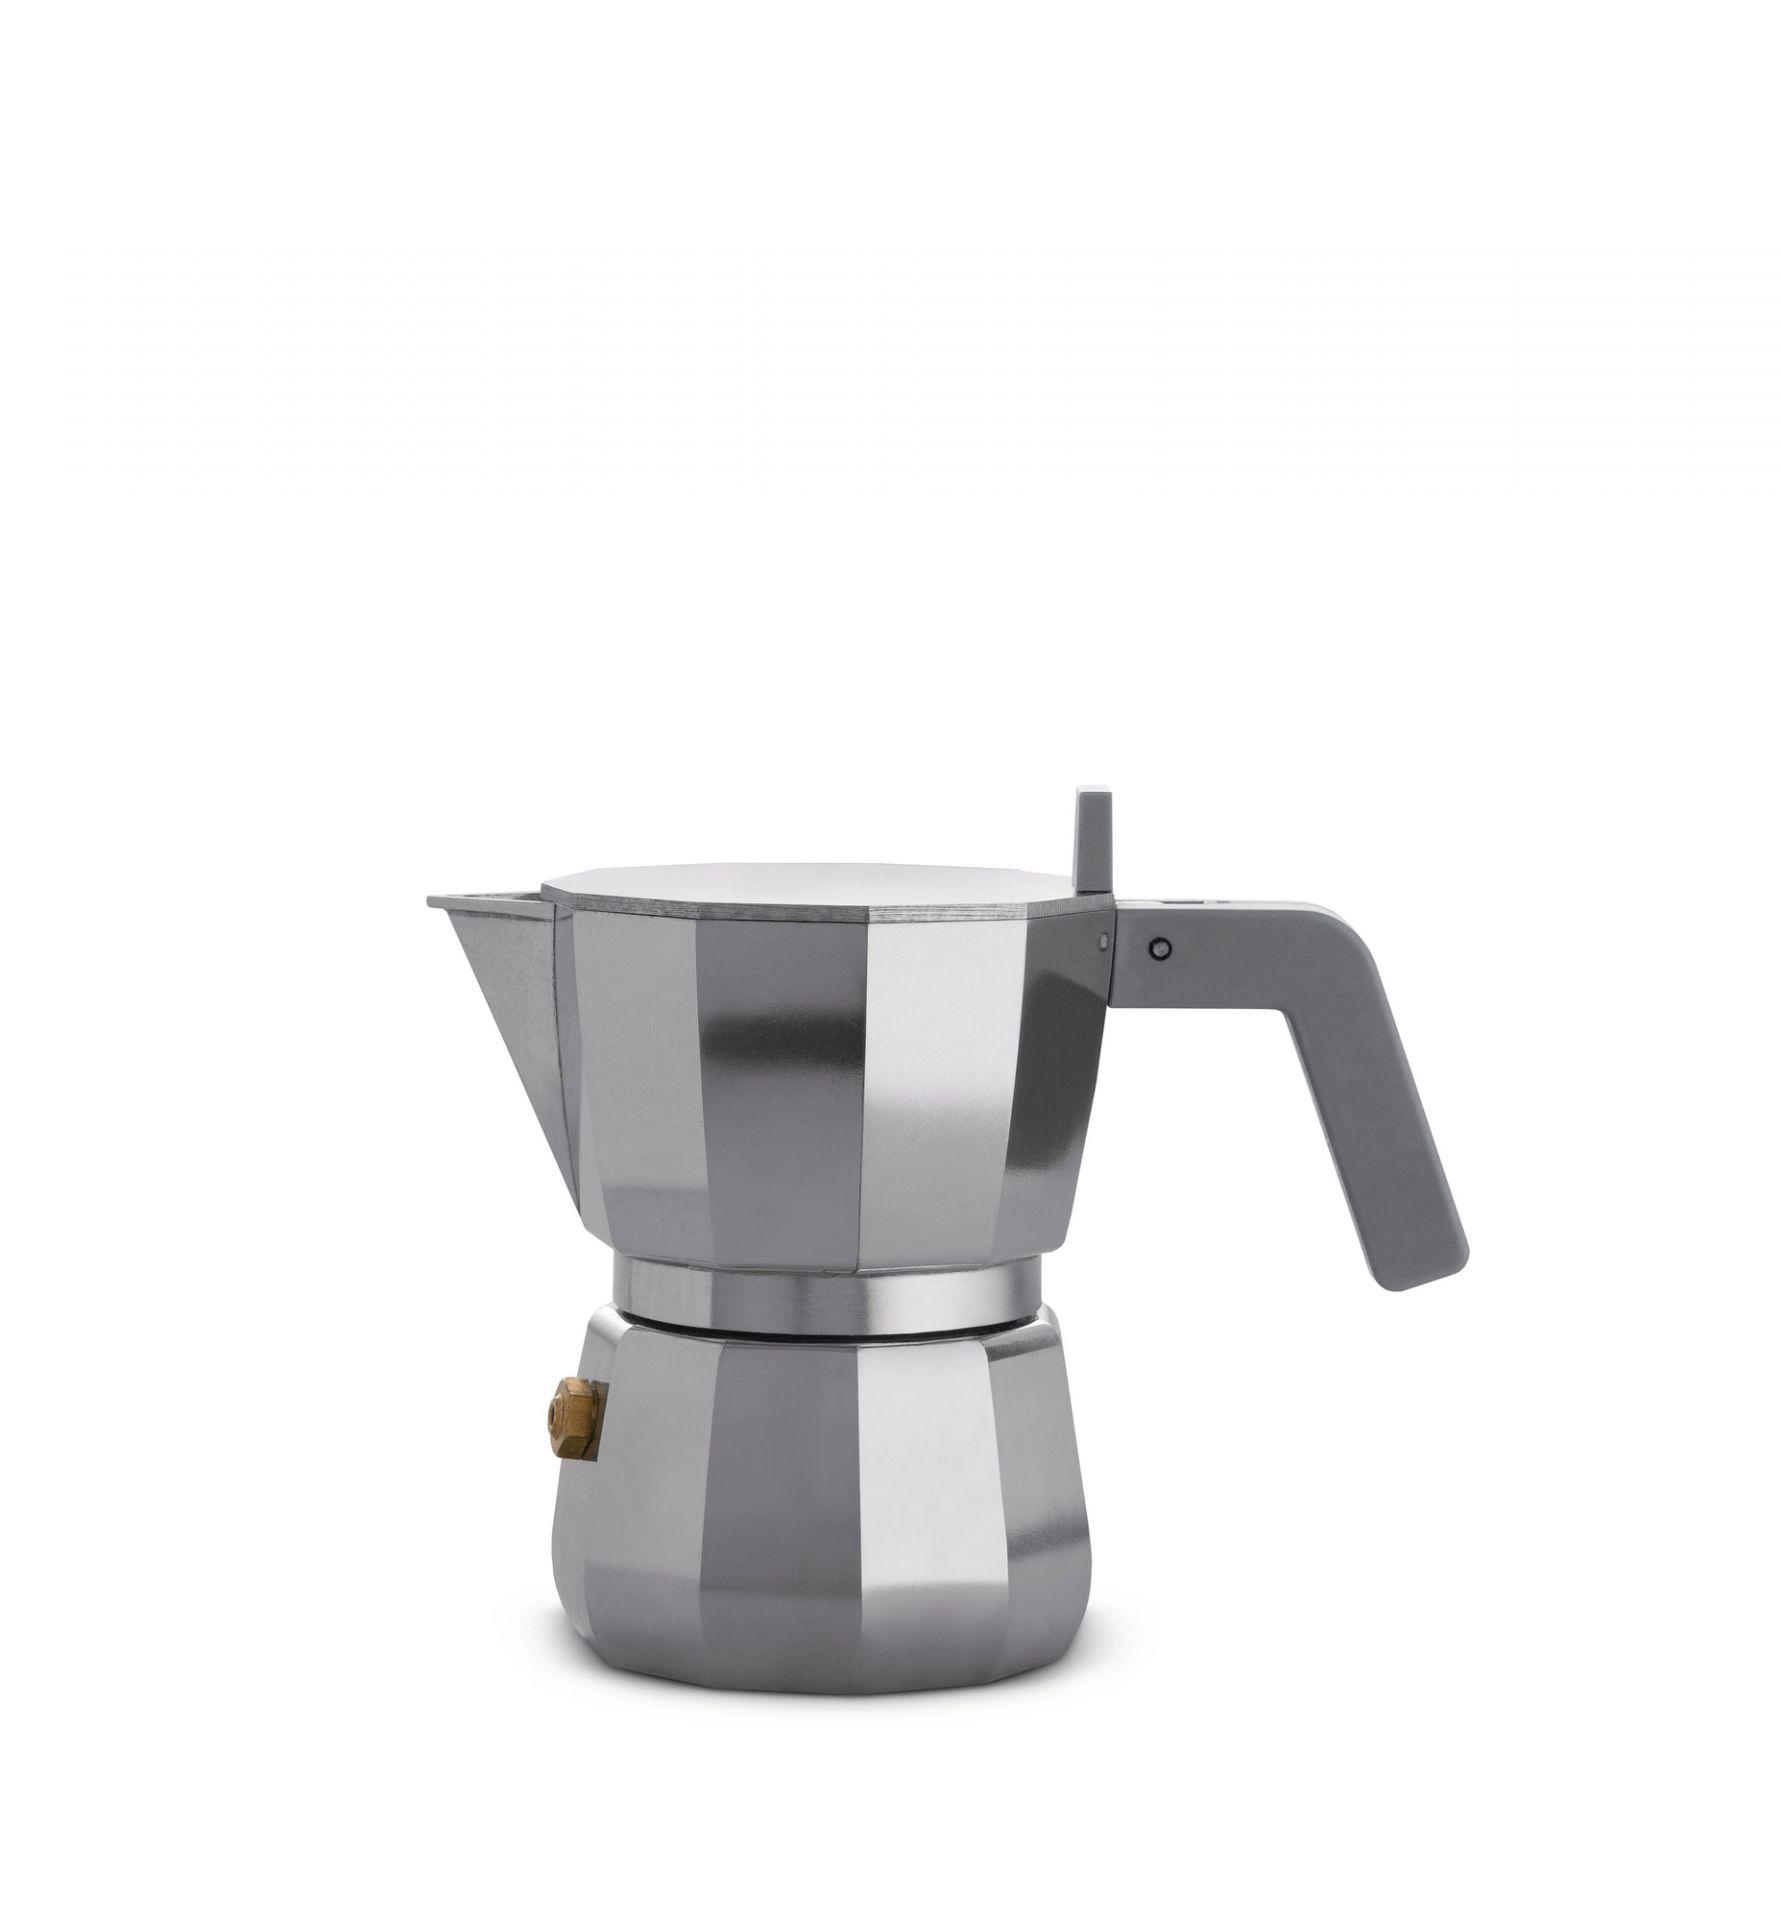 DC06 Moka Espresso Maker Alessi 1 cup